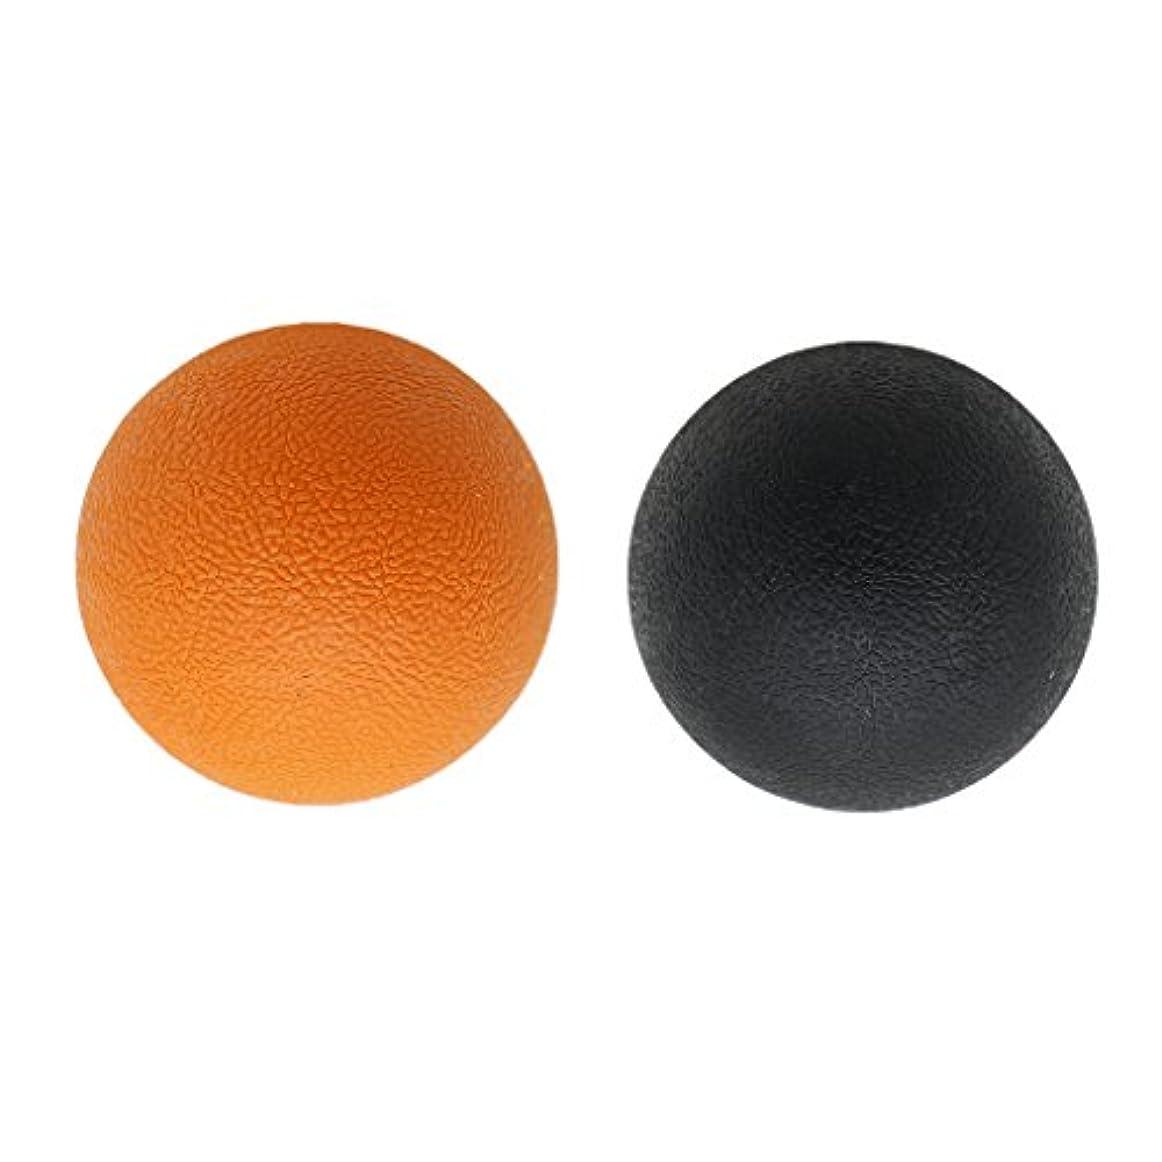 妨げる課すおばあさん2個 マッサージボール ラクロスボール トリガ ポイントマッサージ 弾性TPE 多色選べる - オレンジブラック